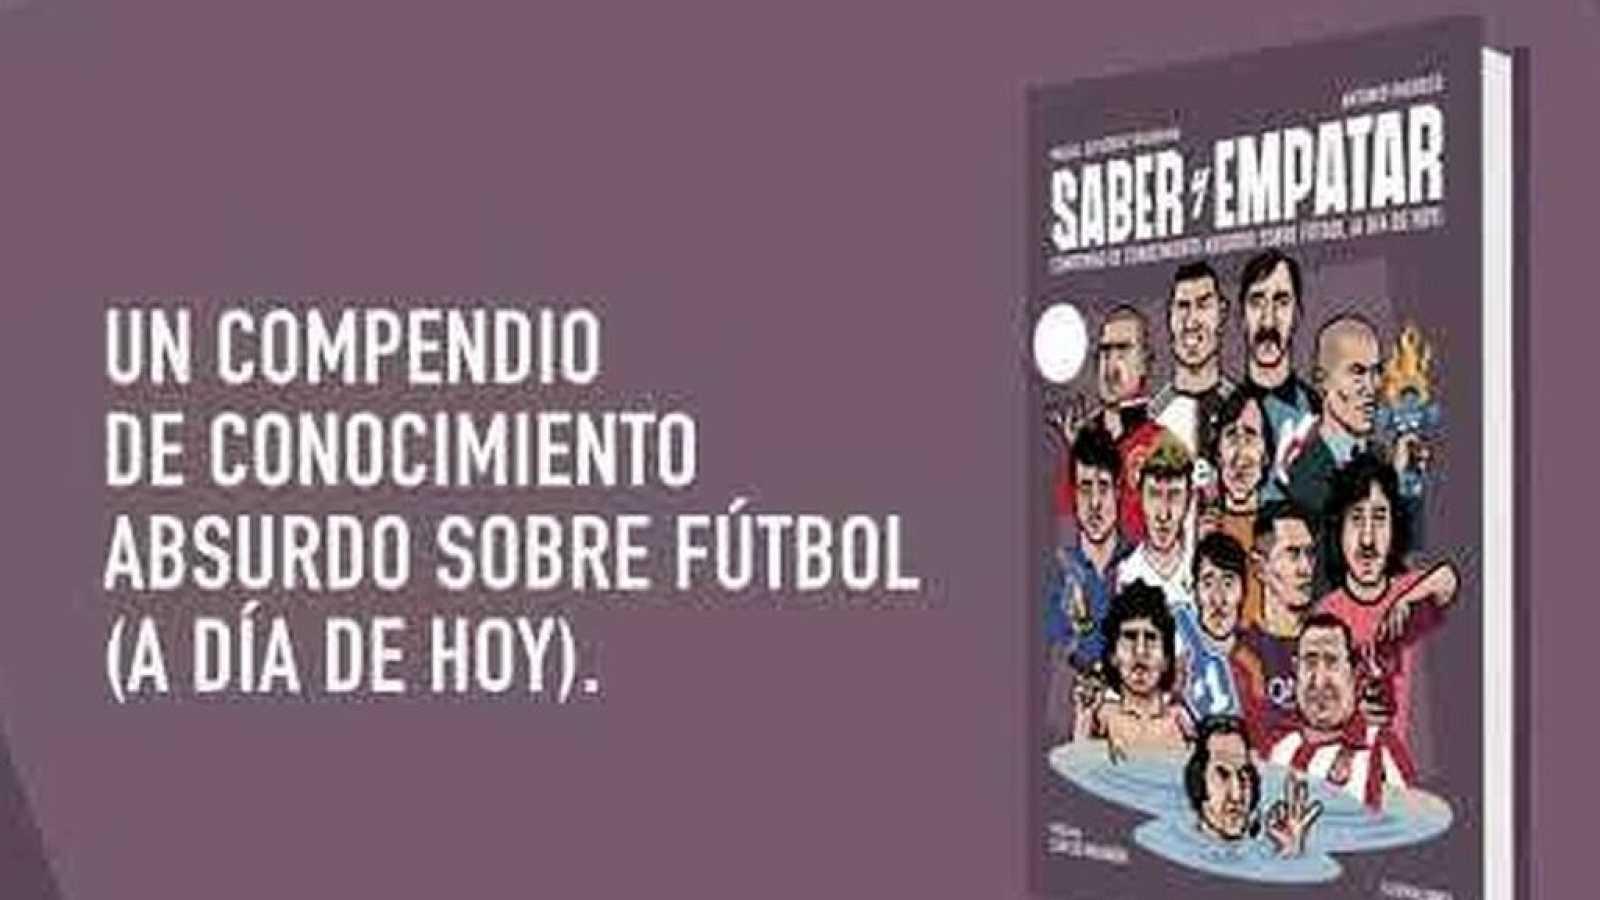 """Tablero deportivo - La biblioteca de Líbero: """"Saber y empatar"""" - Escuchar ahora"""